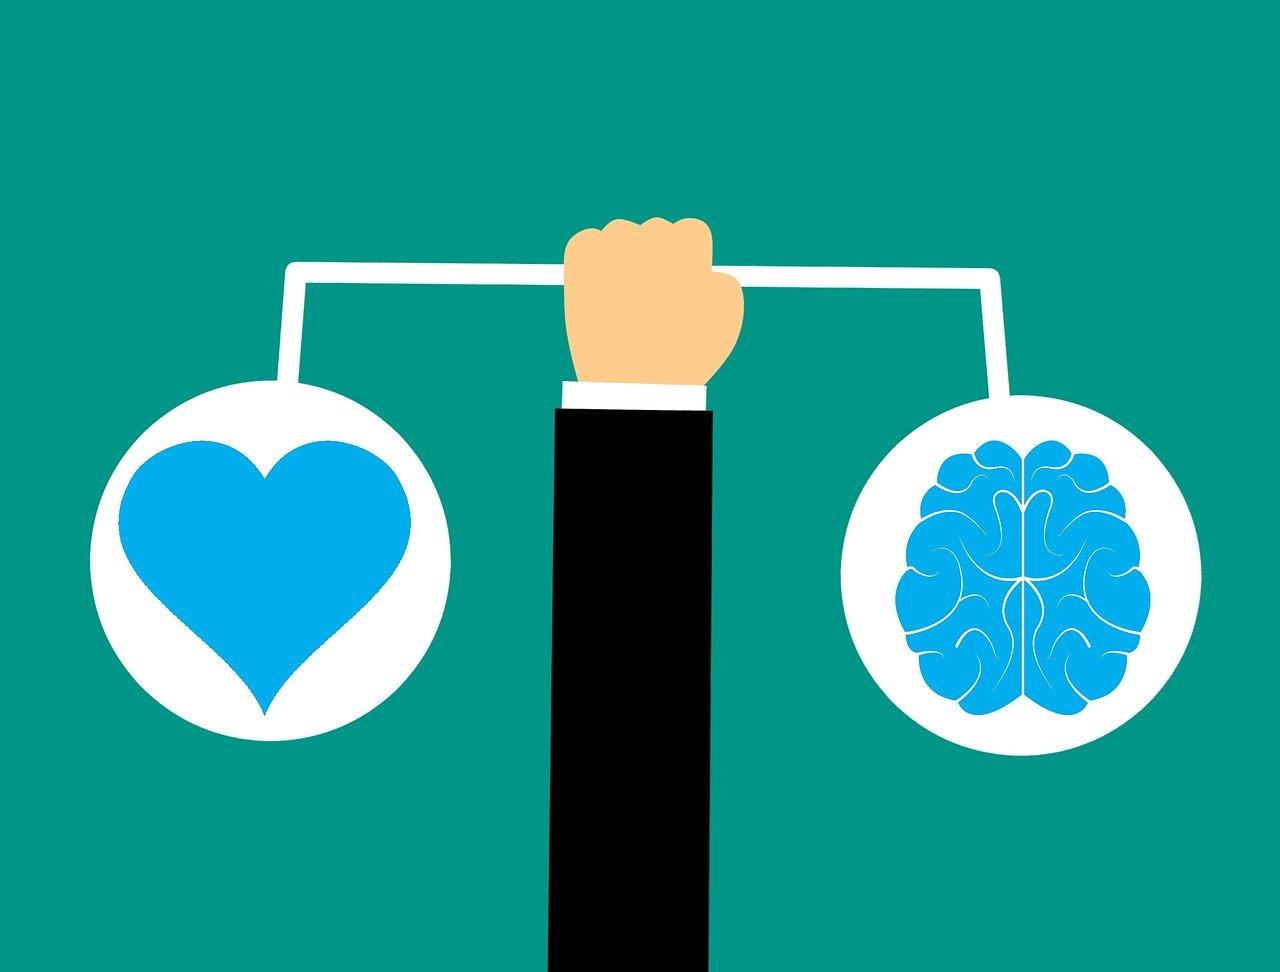 brain, heart, brain icon